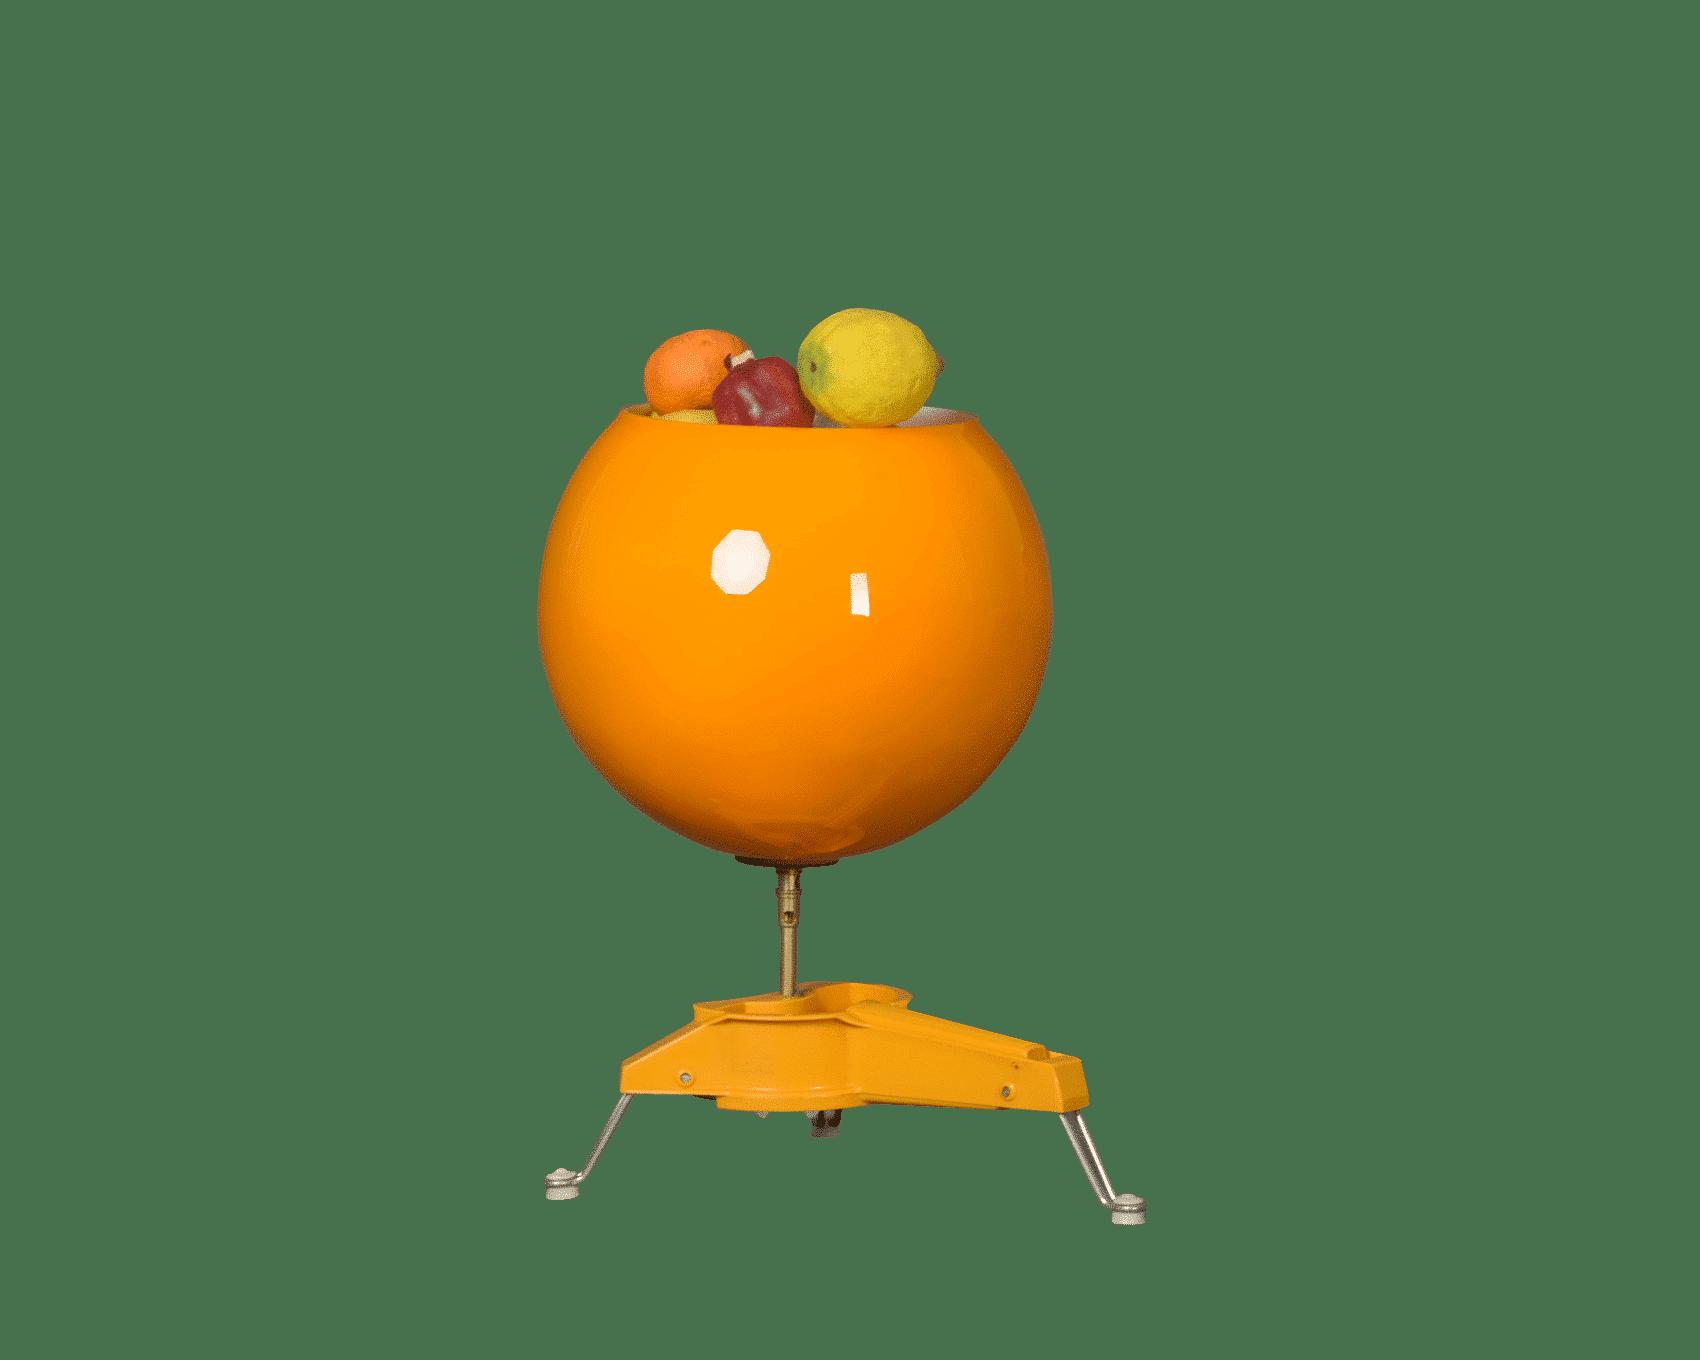 Objet deco retro Corbeille à fruits objet deco vintage design insolite crée à partir d'objet détourné Concepteur d'objets fonctionnels atypiques fantaisies haut de gamme